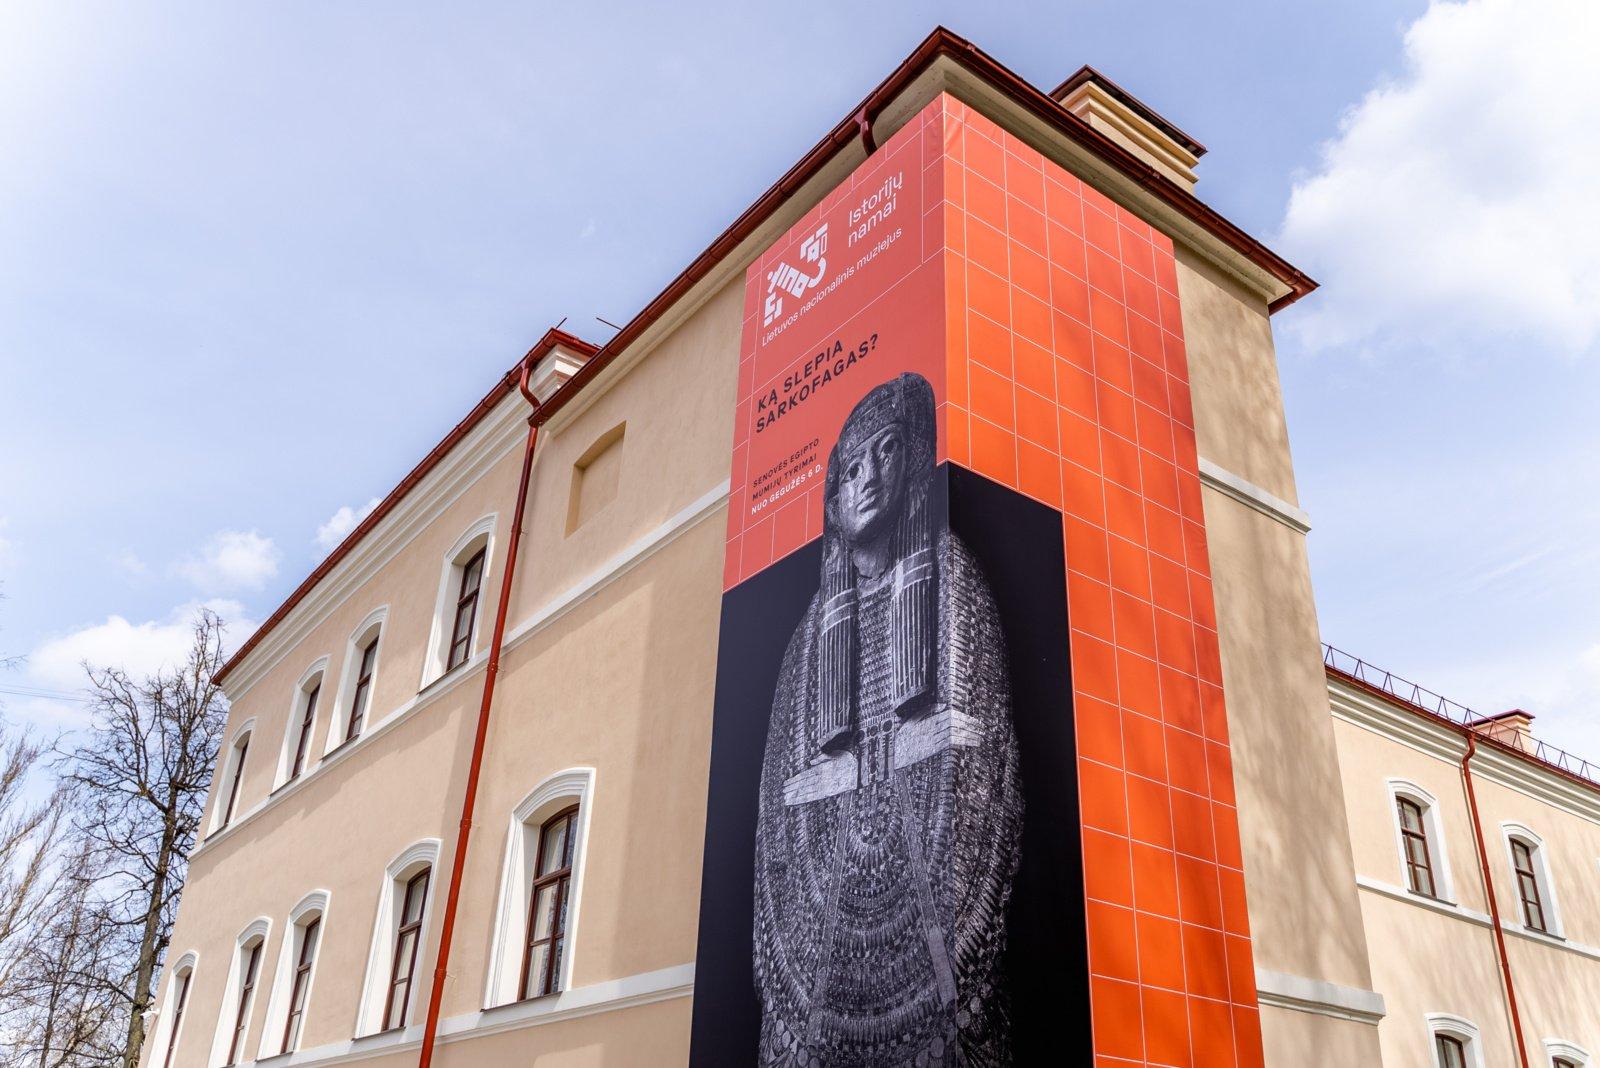 Dviem parodomis lankytojams Vilniuje atsiveria Istorijų namai